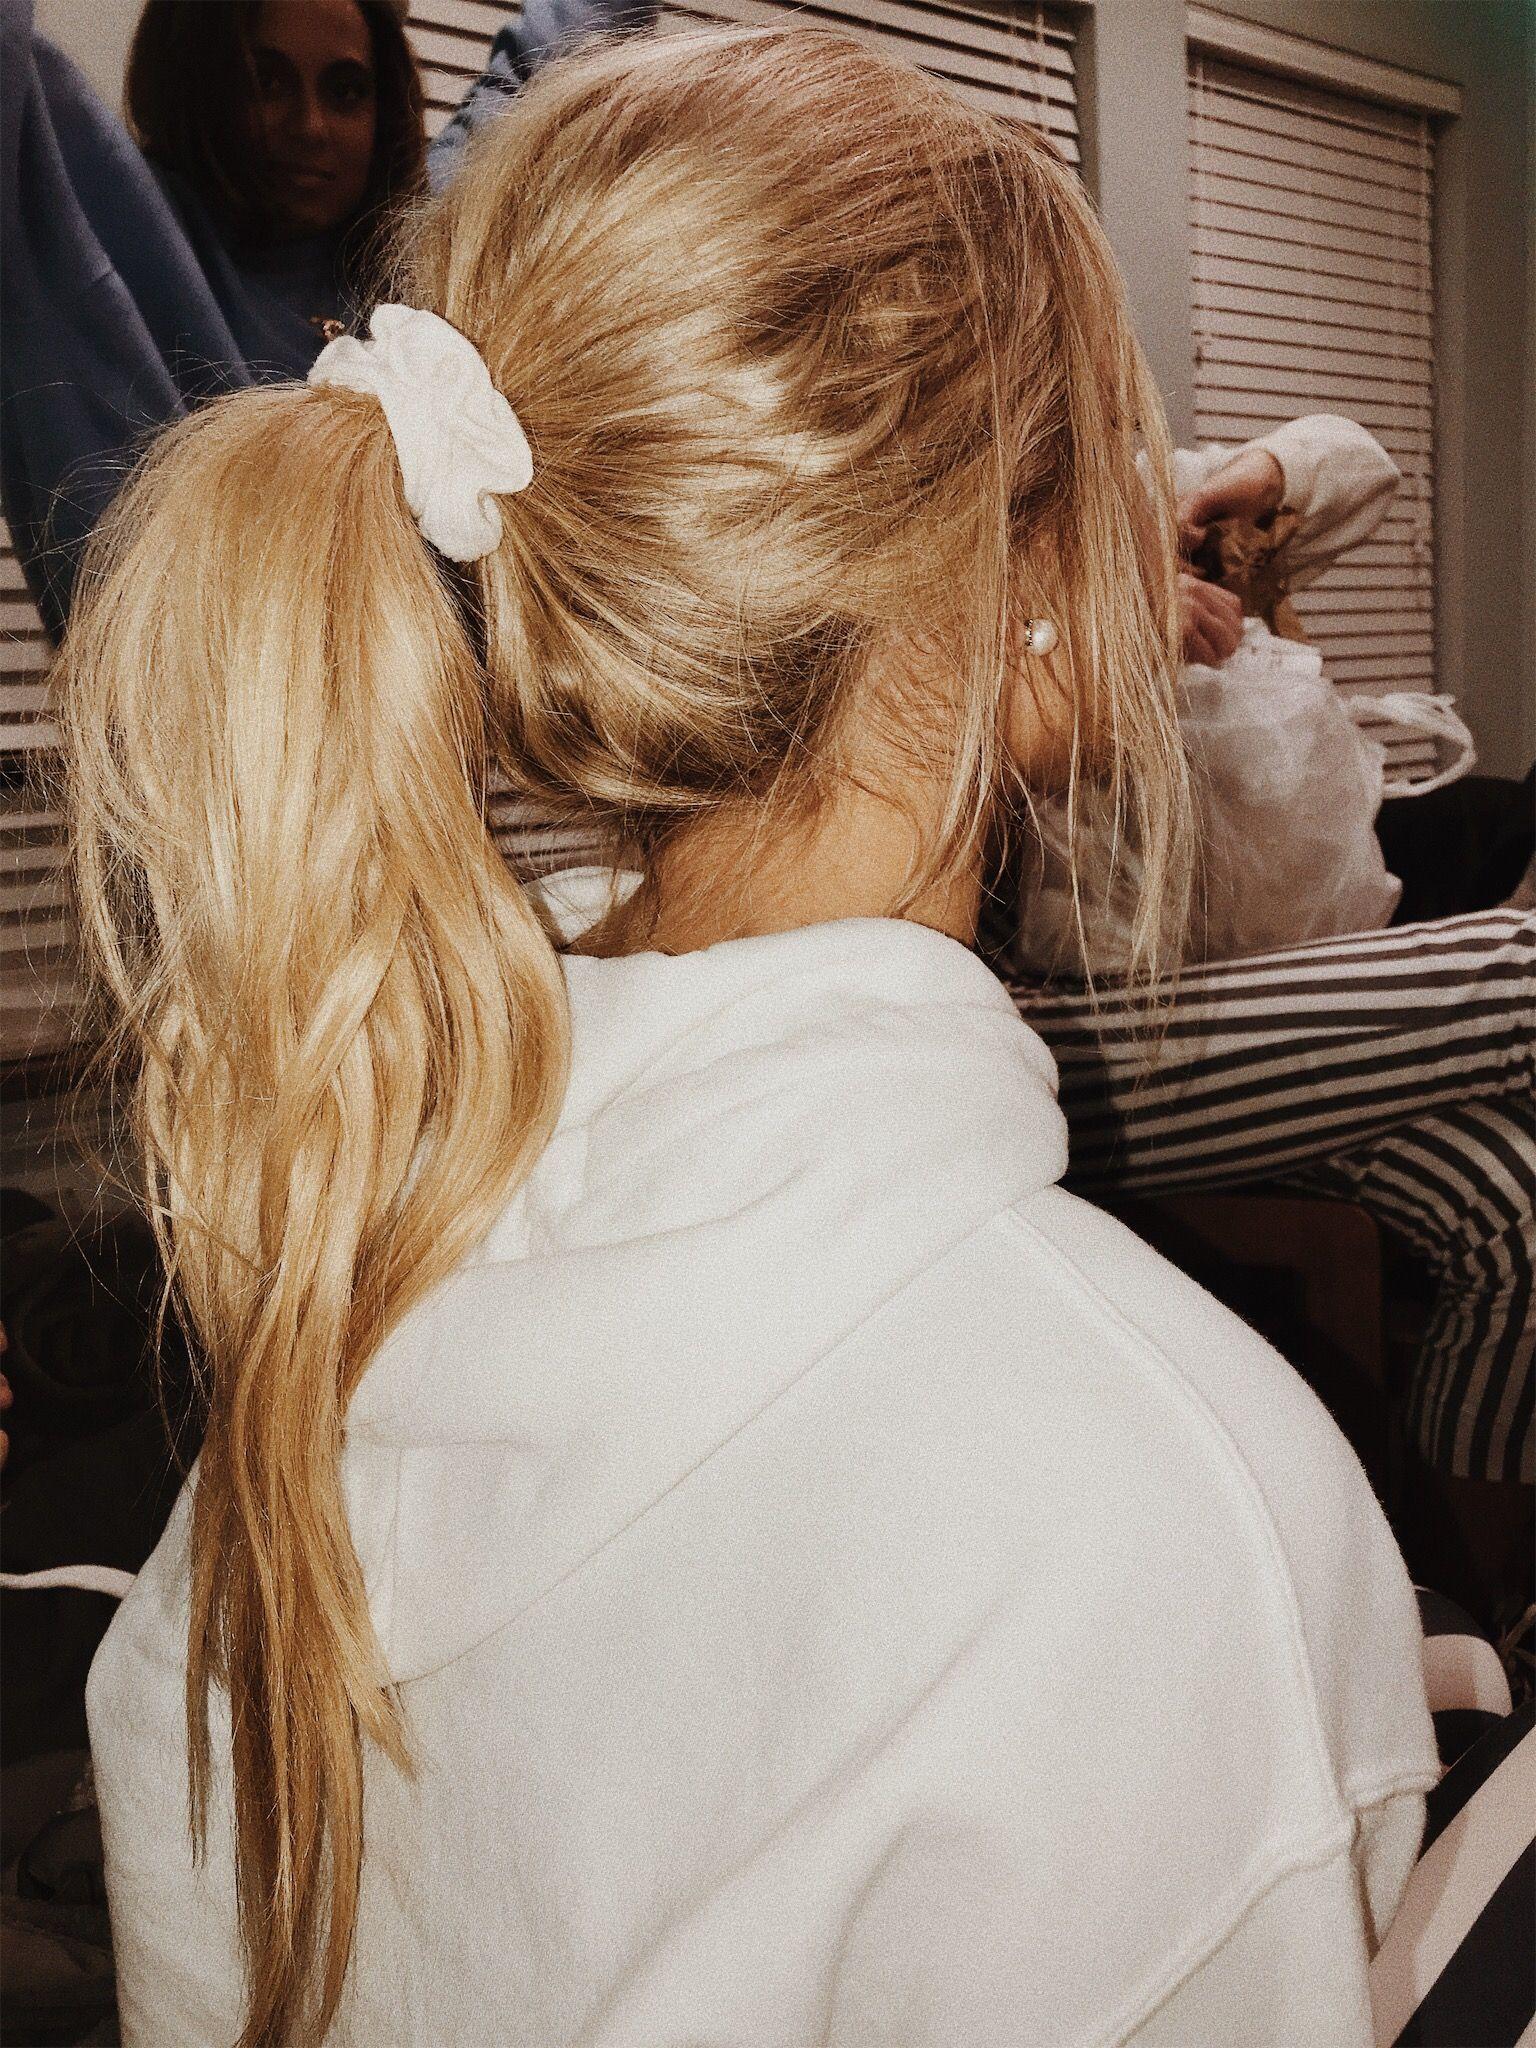 ボード Hair Style Ideas のピン